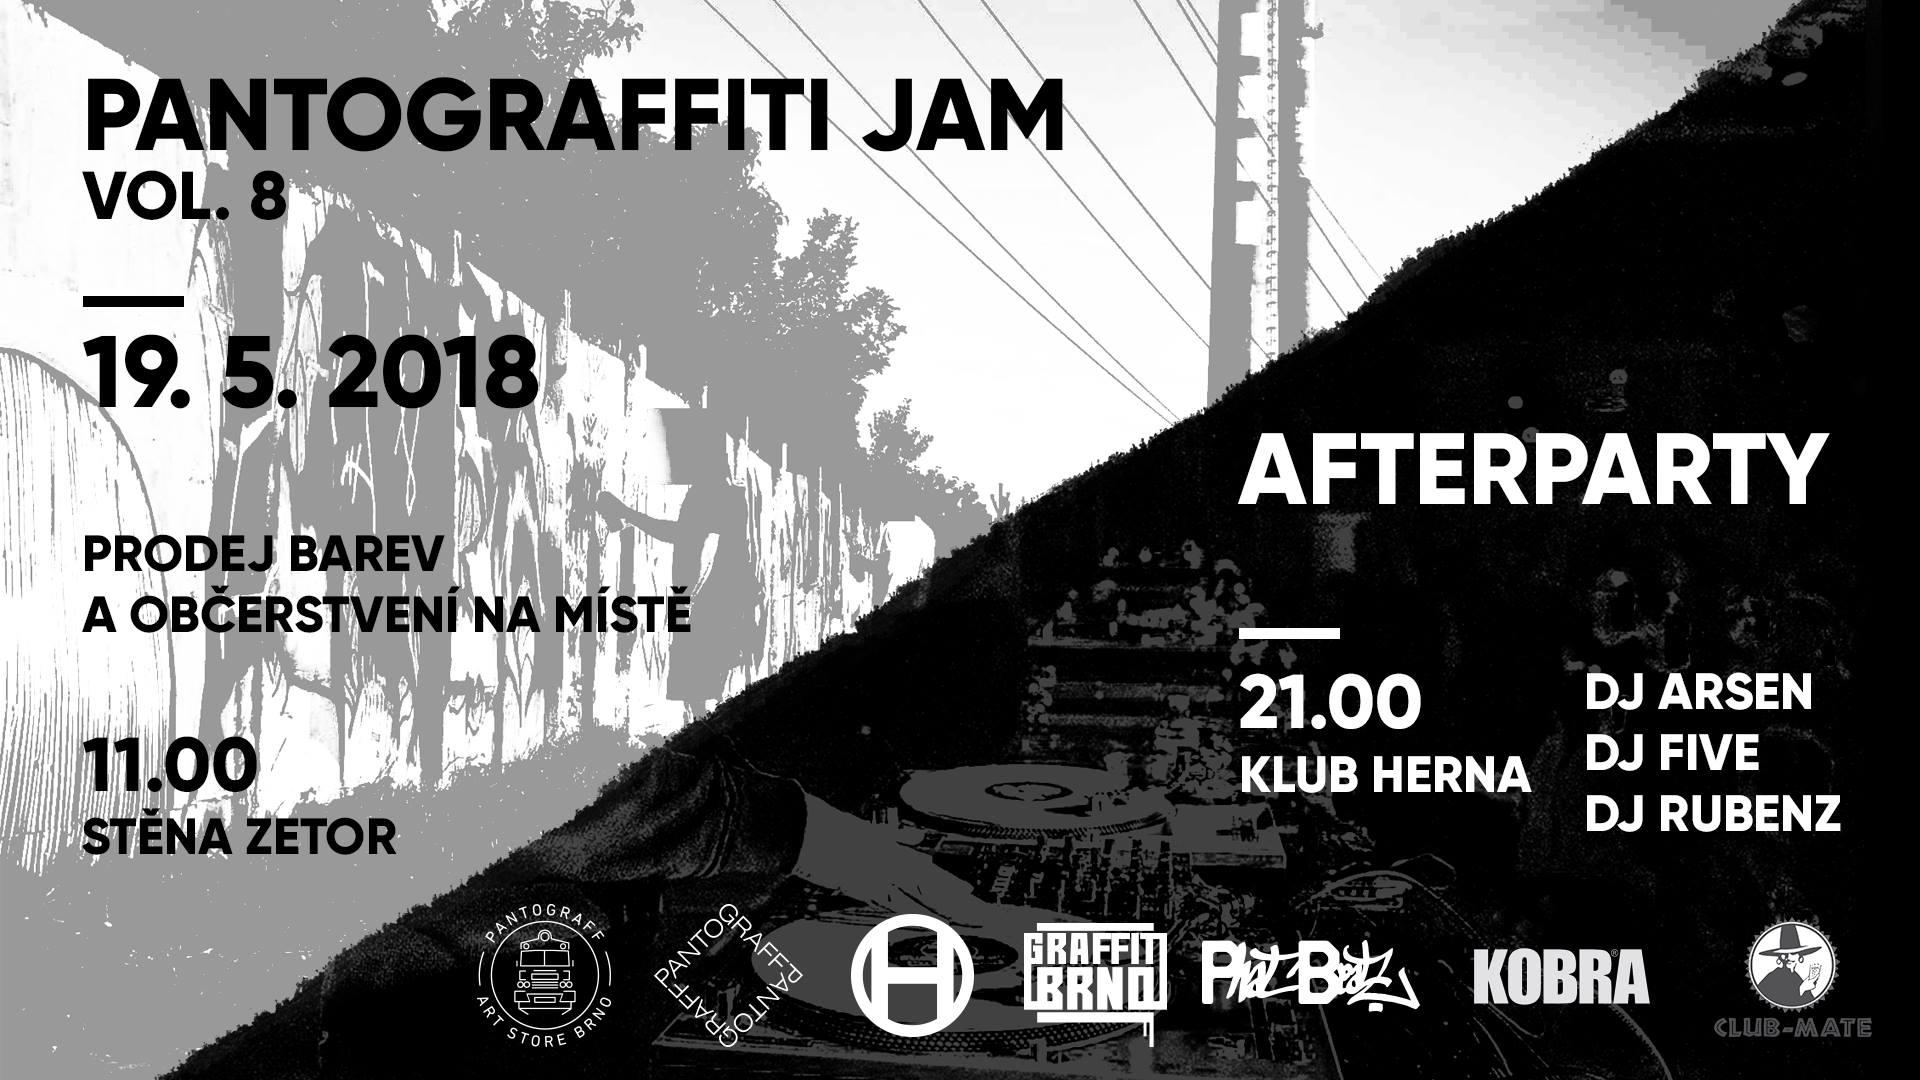 PANTOGRAFFITI JAM 8 - Jedovnická, Brno